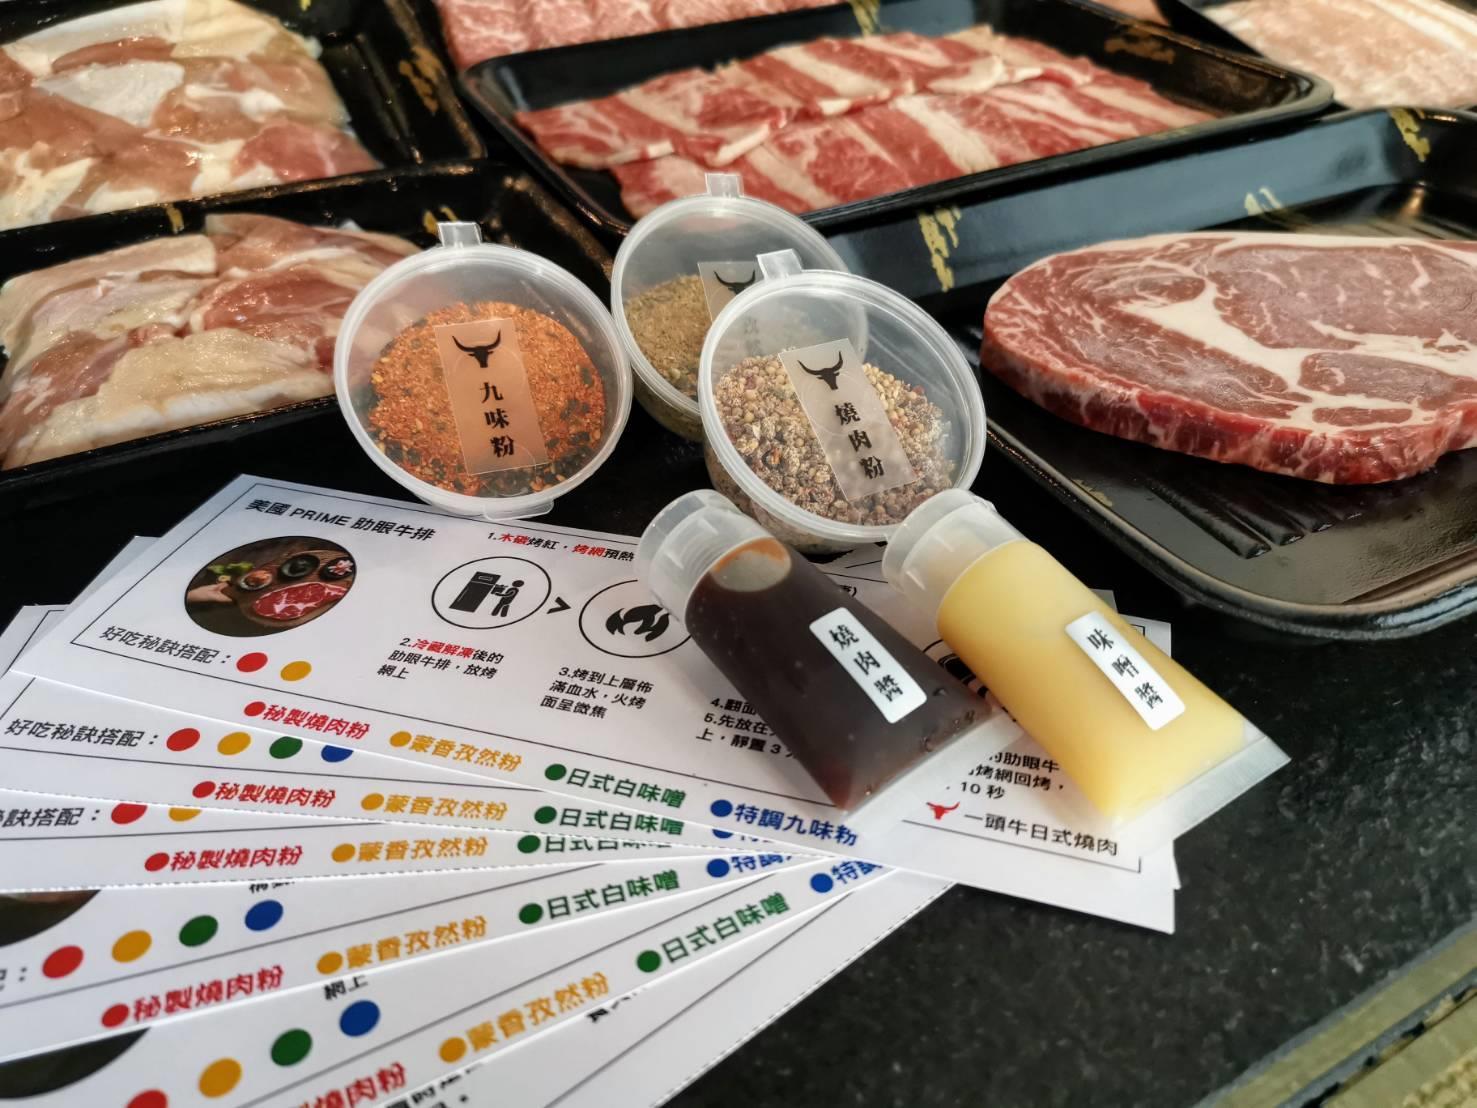 中秋禮盒送烤肉秘笈!一頭牛燒肉達人公開烤肉訣竅